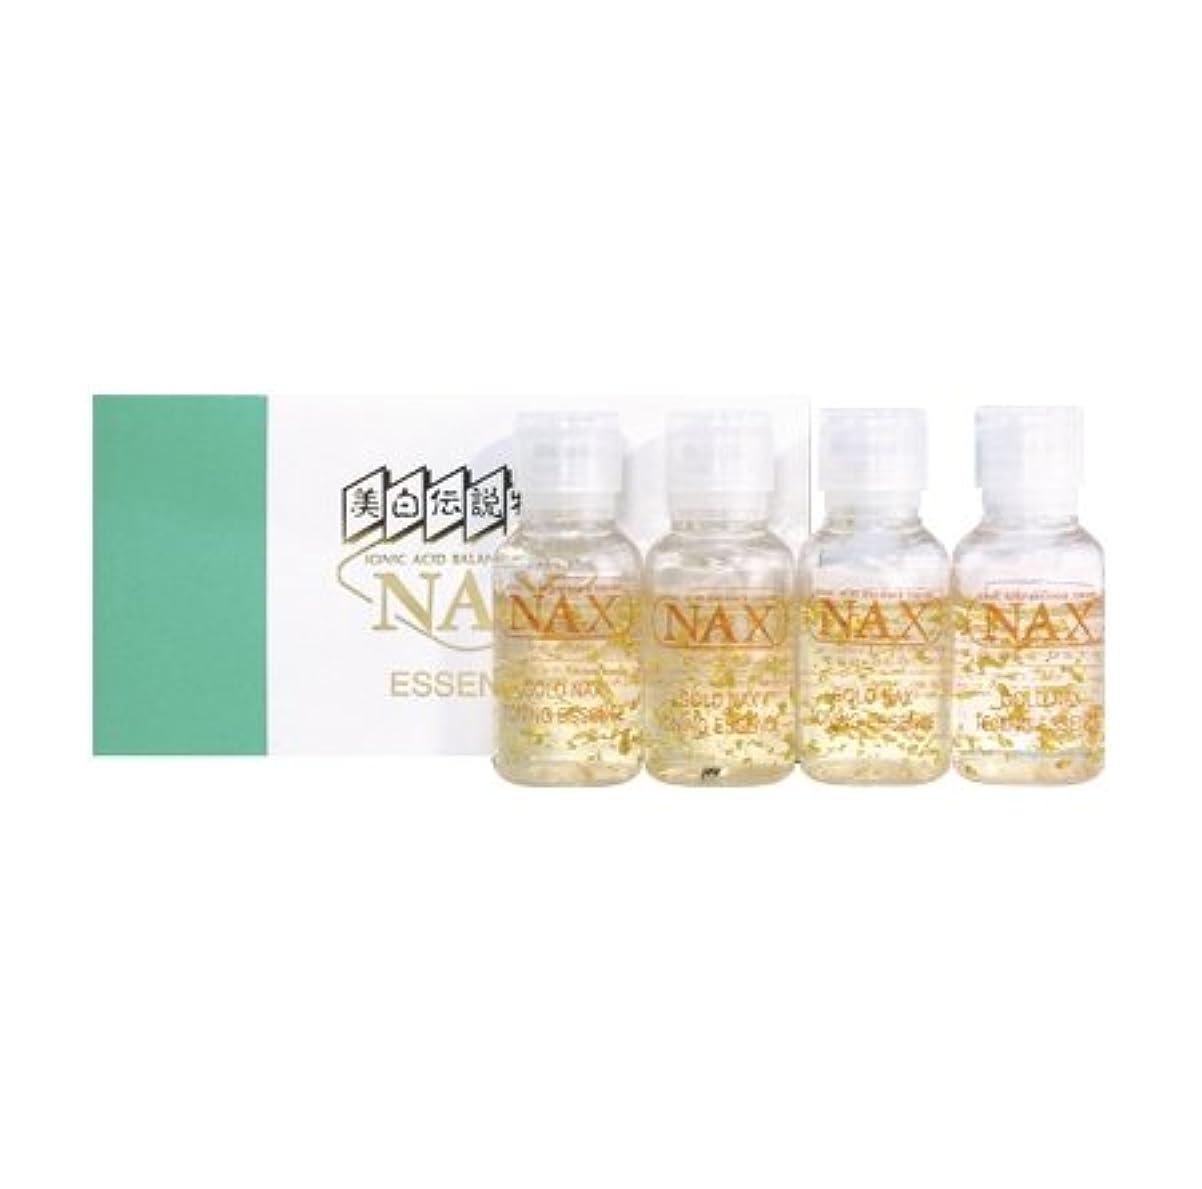 縮約キルト有限ゴールドコスメ NAX トーニングエッセンス 美容液 超敏感肌用 12.5ml×4本